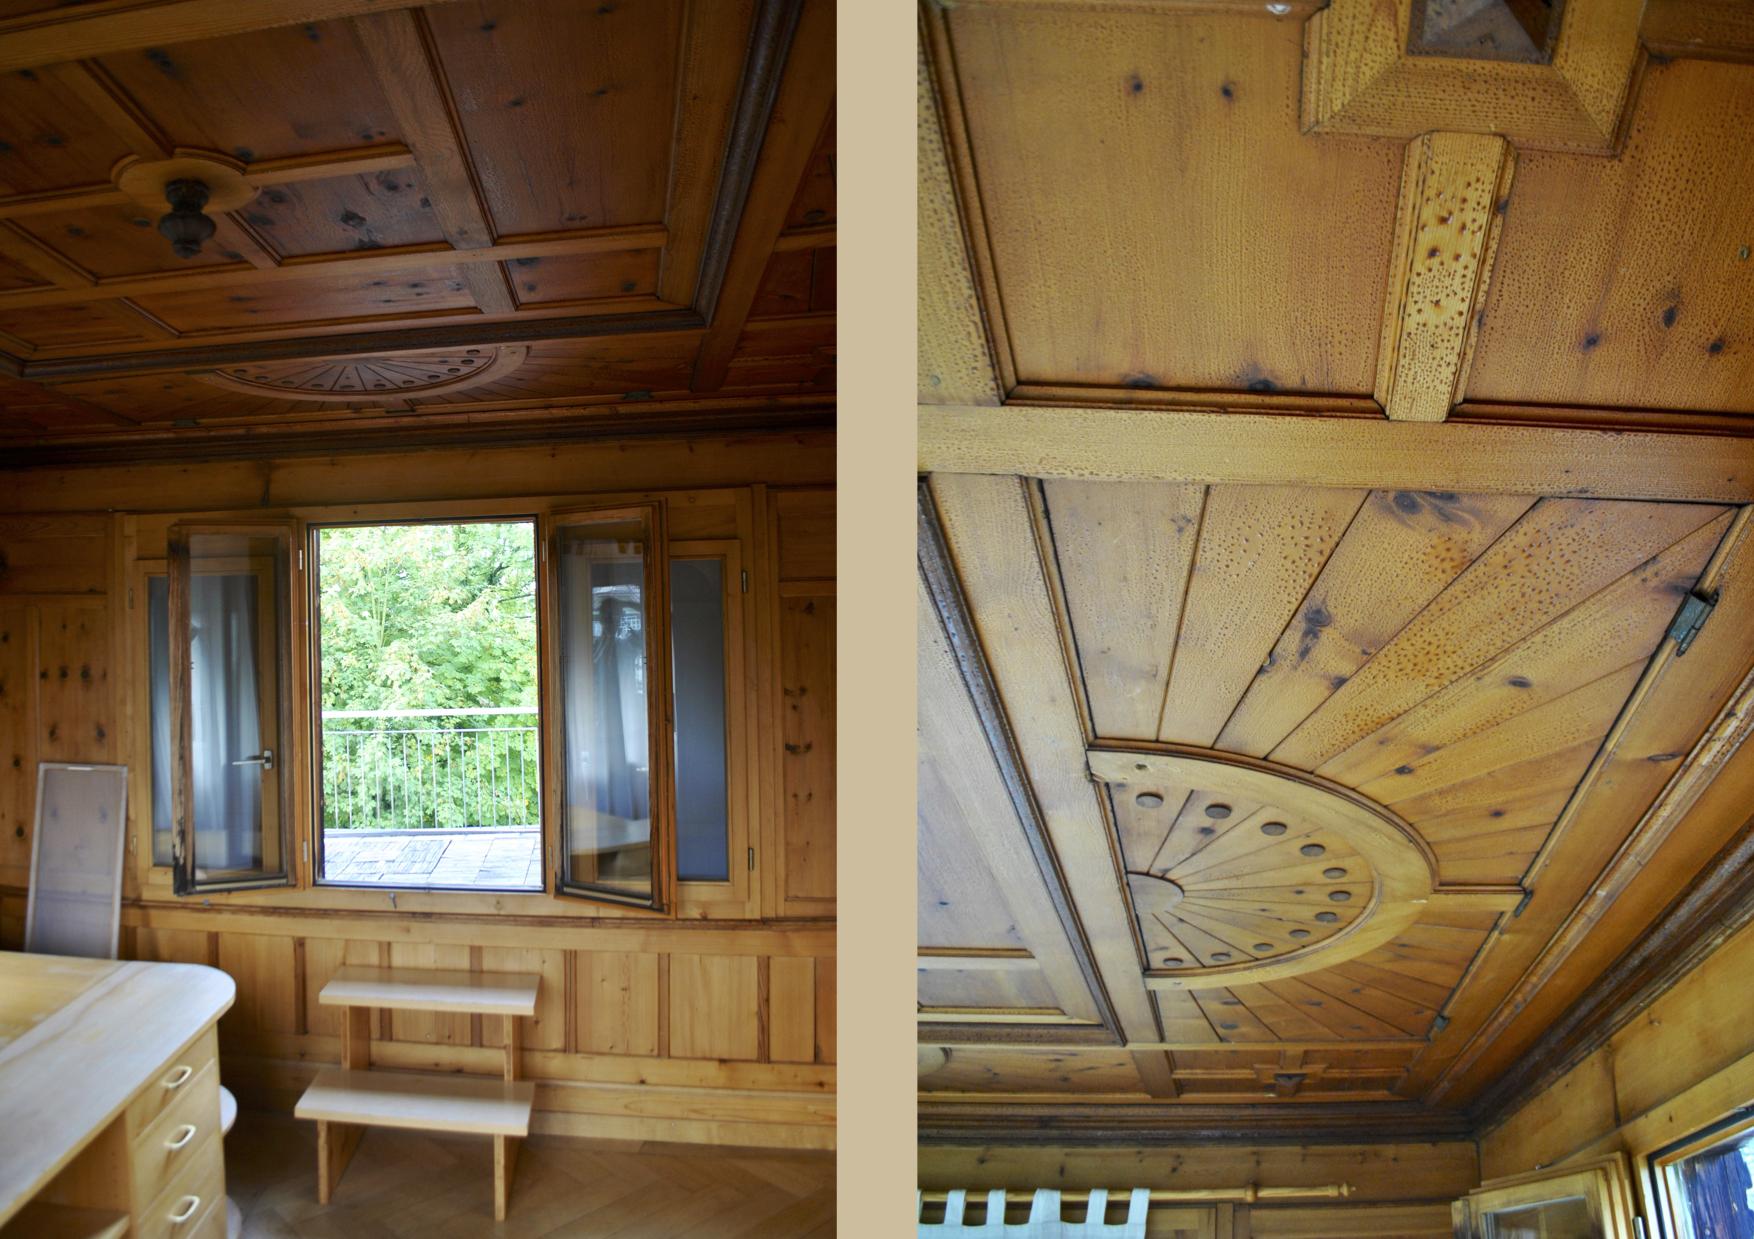 Das Turmzimmer des Alpinas und die Falltür darin.